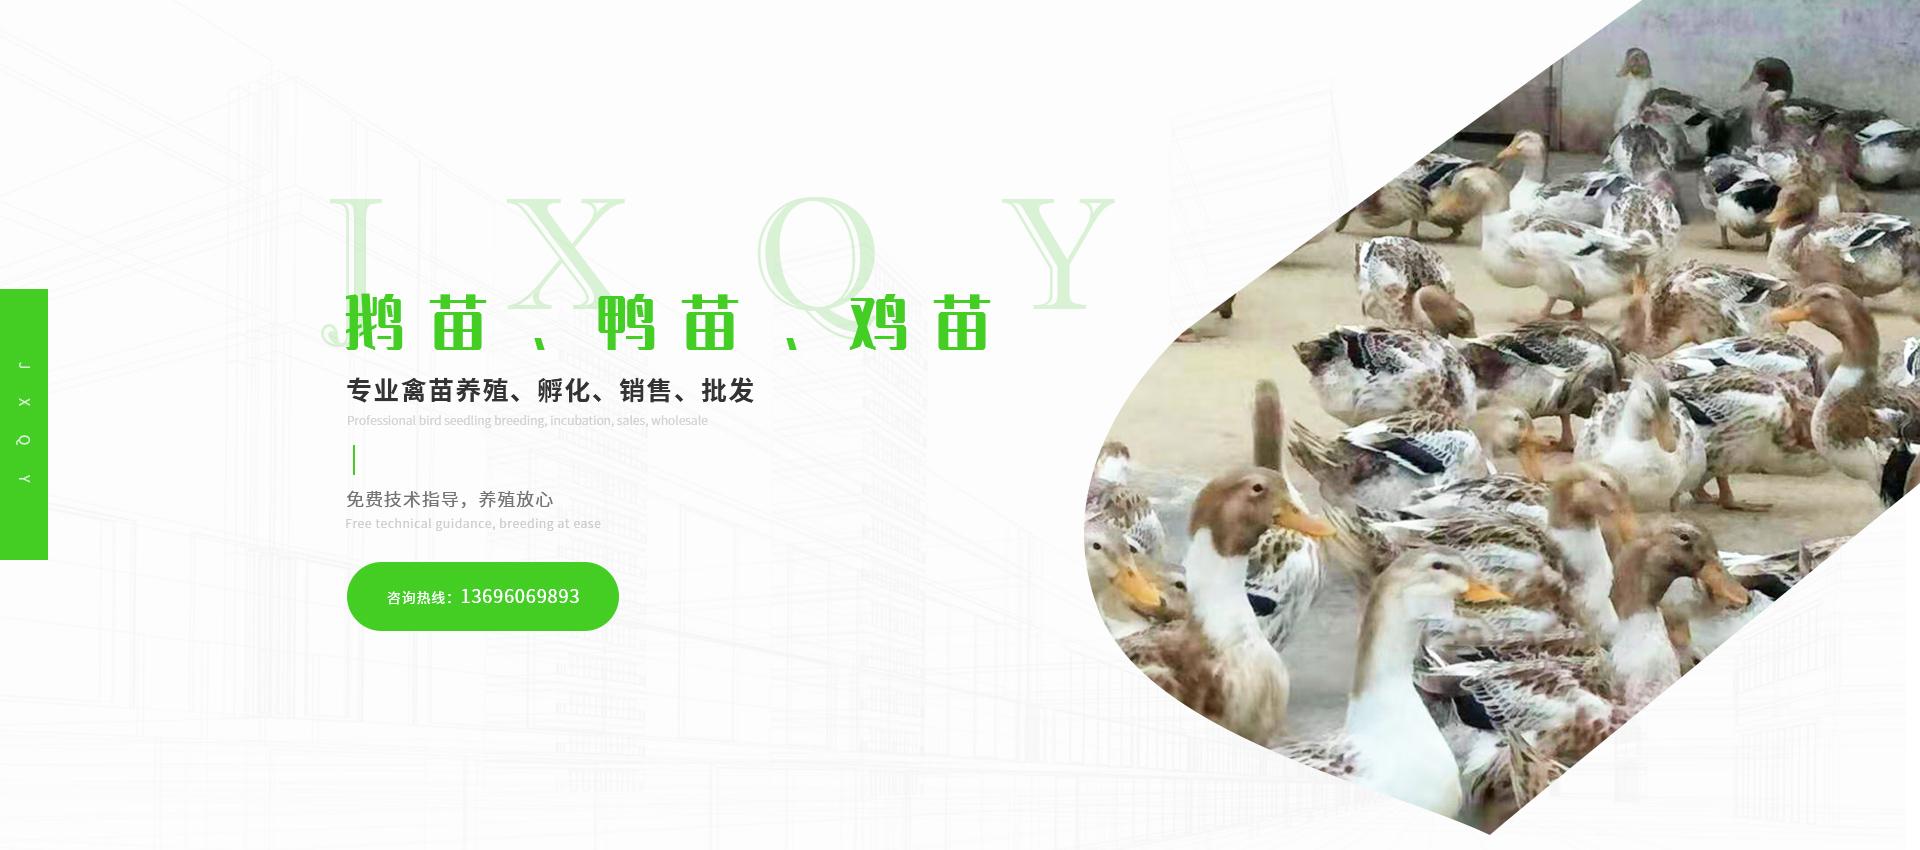 四川鹅苗孵化厂